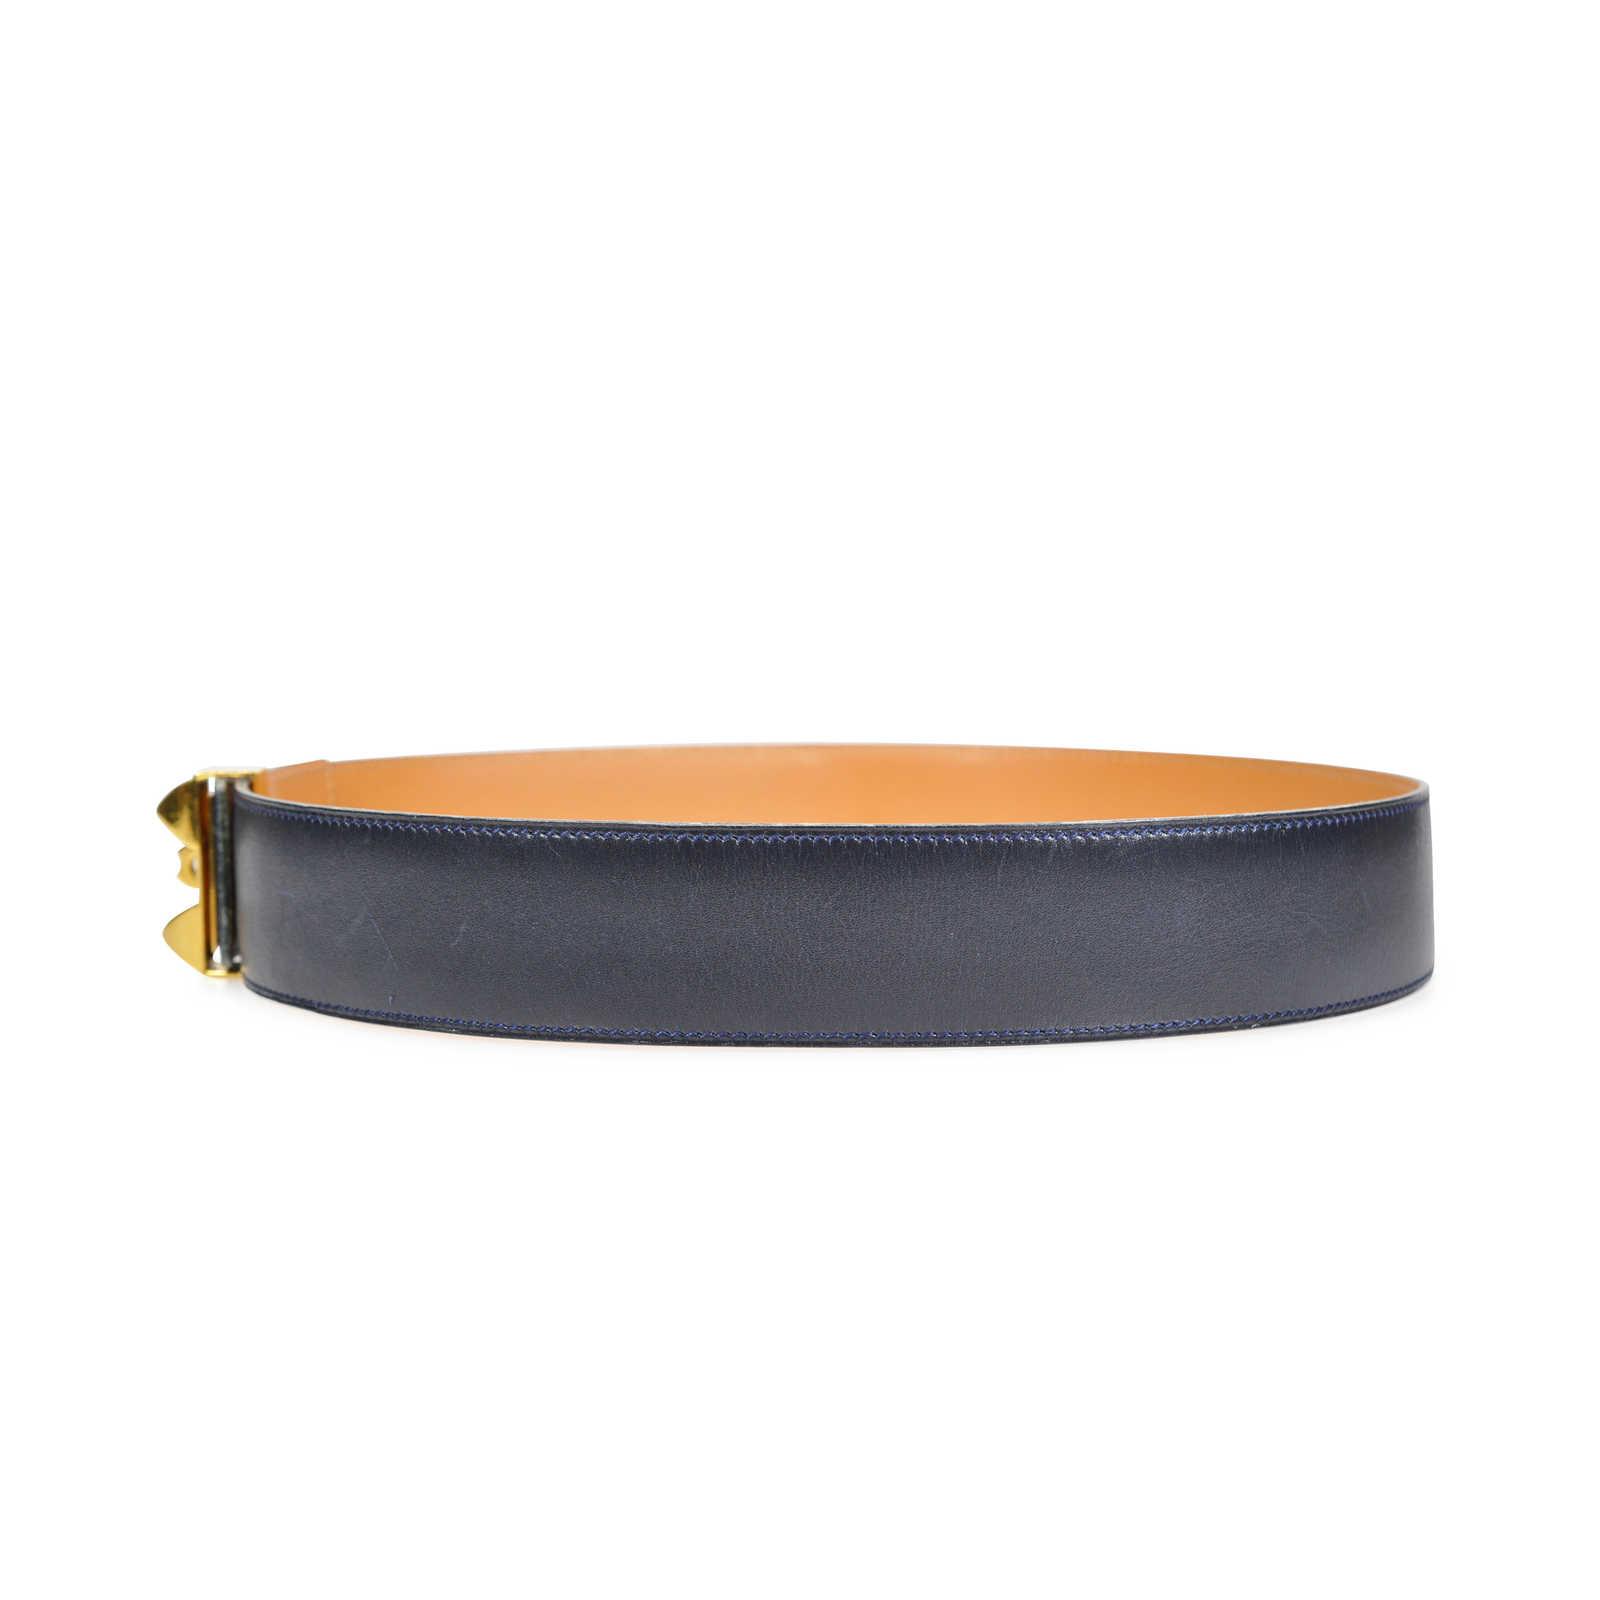 d3af1855da ... Authentic Vintage Hermès Médor Belt (TFC-101-00036) - Thumbnail 1 ...